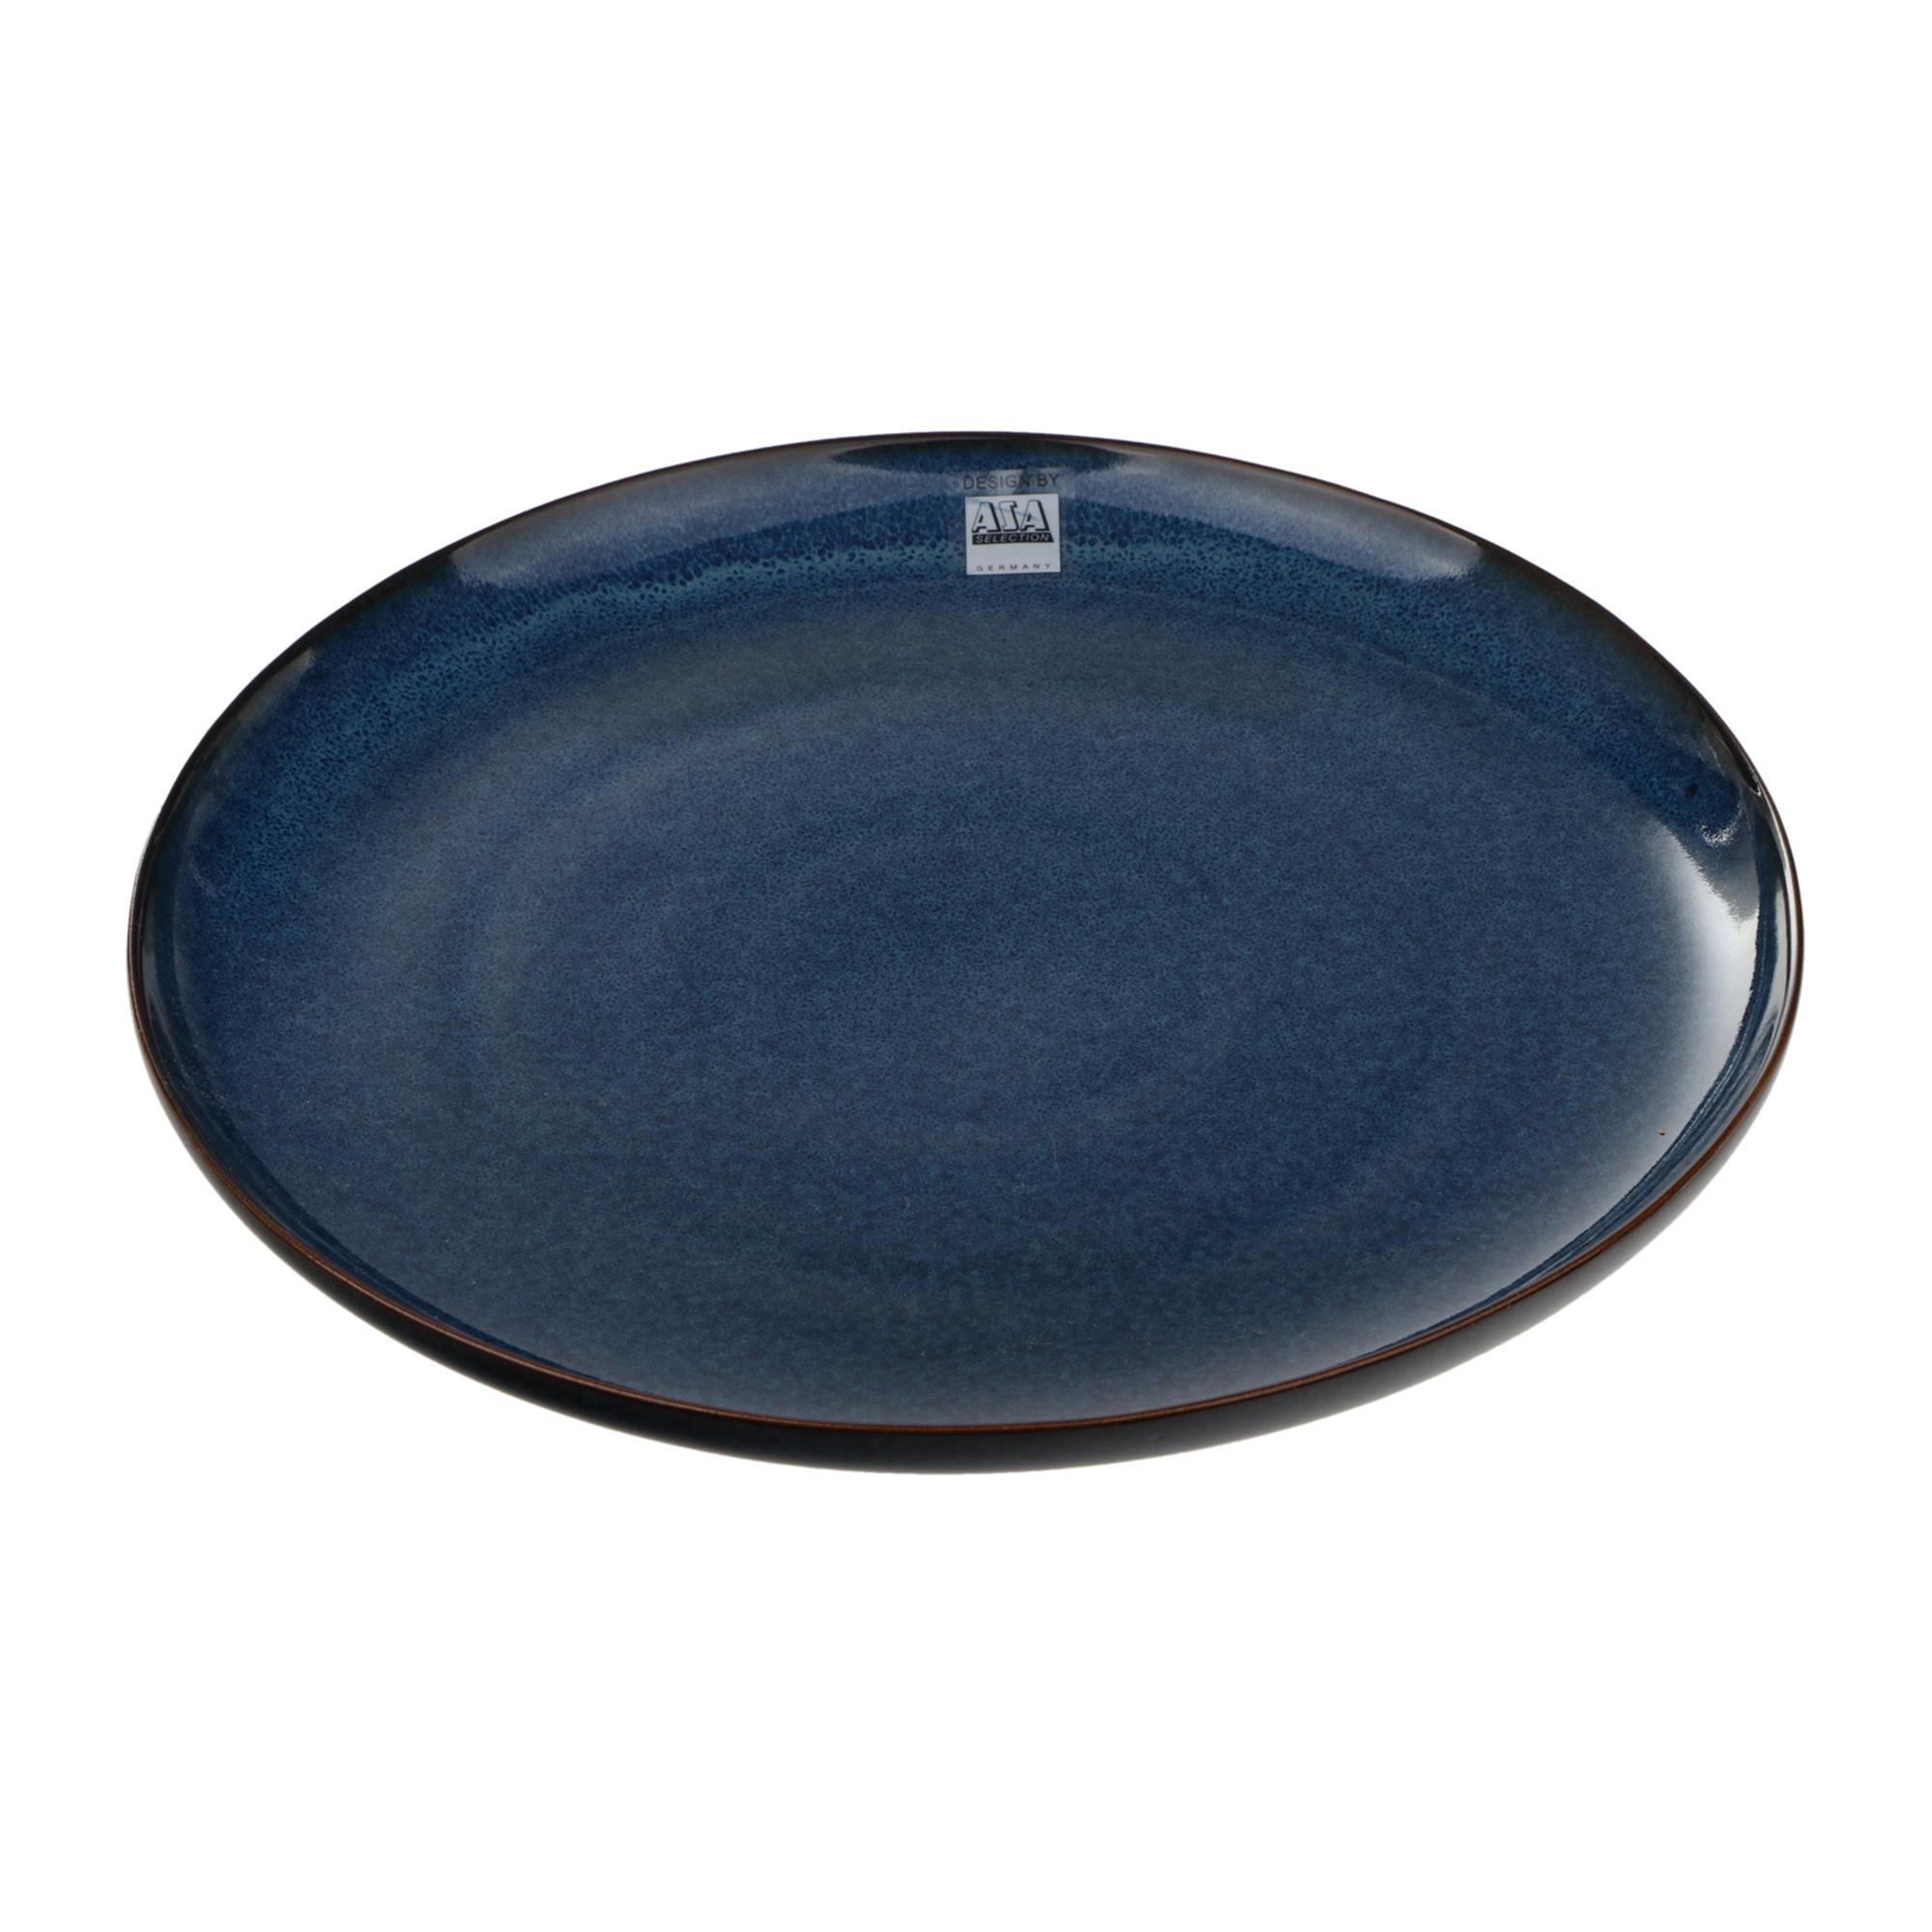 Фото - Тарелка Asa selection 26,5 см тарелка asa selection a table 25 см